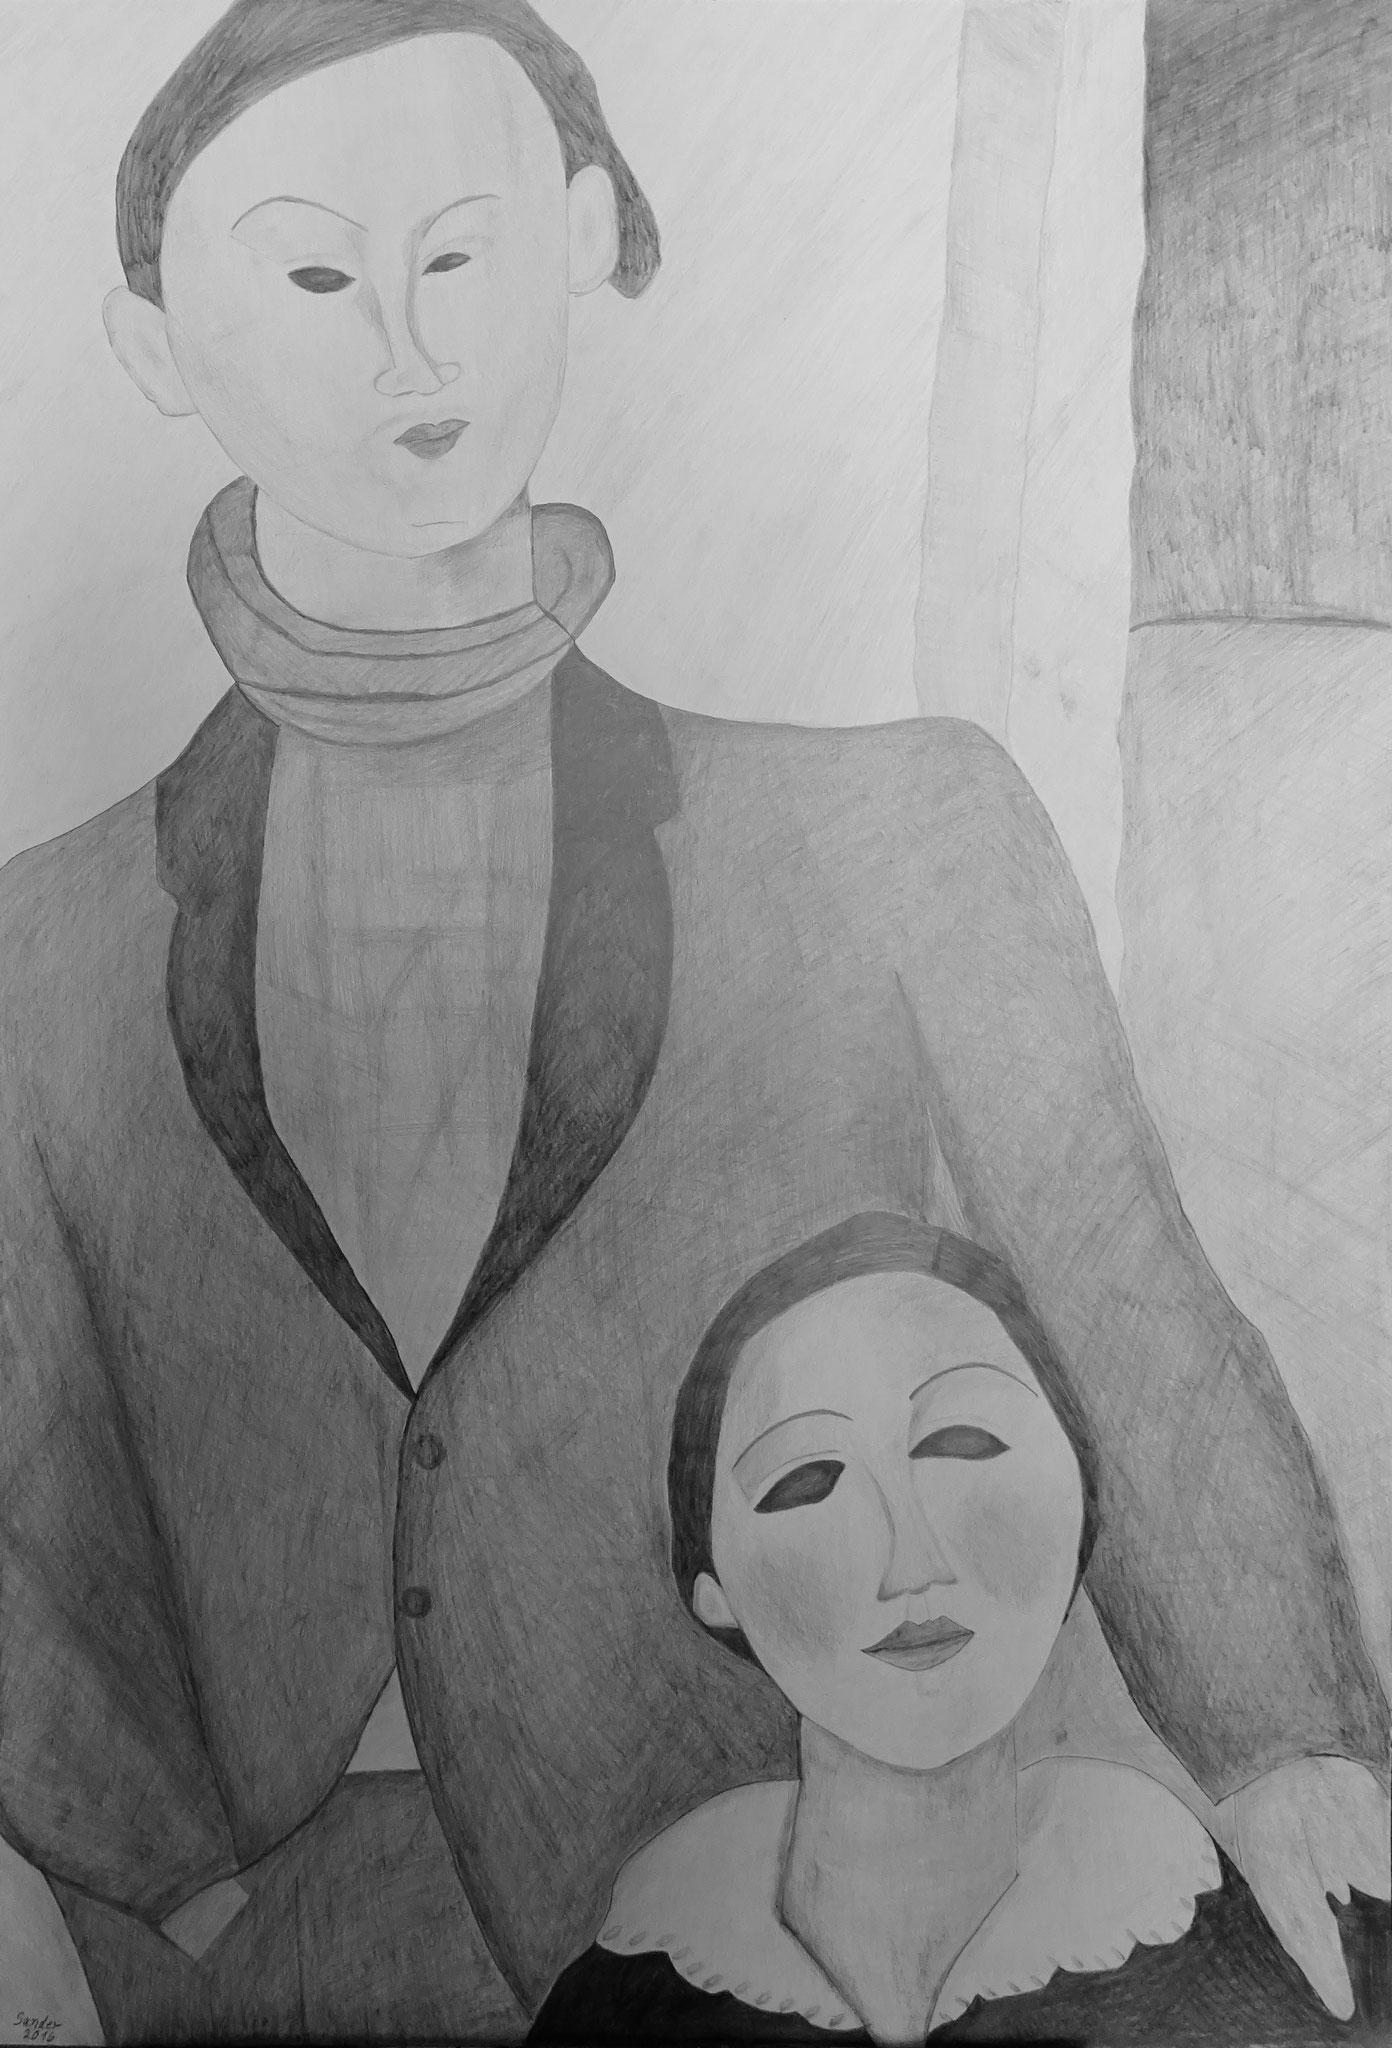 nach Modigliani, 100 x 70 cm, Bleistiftzeichnung auf Papier, signiert und datiert 2016